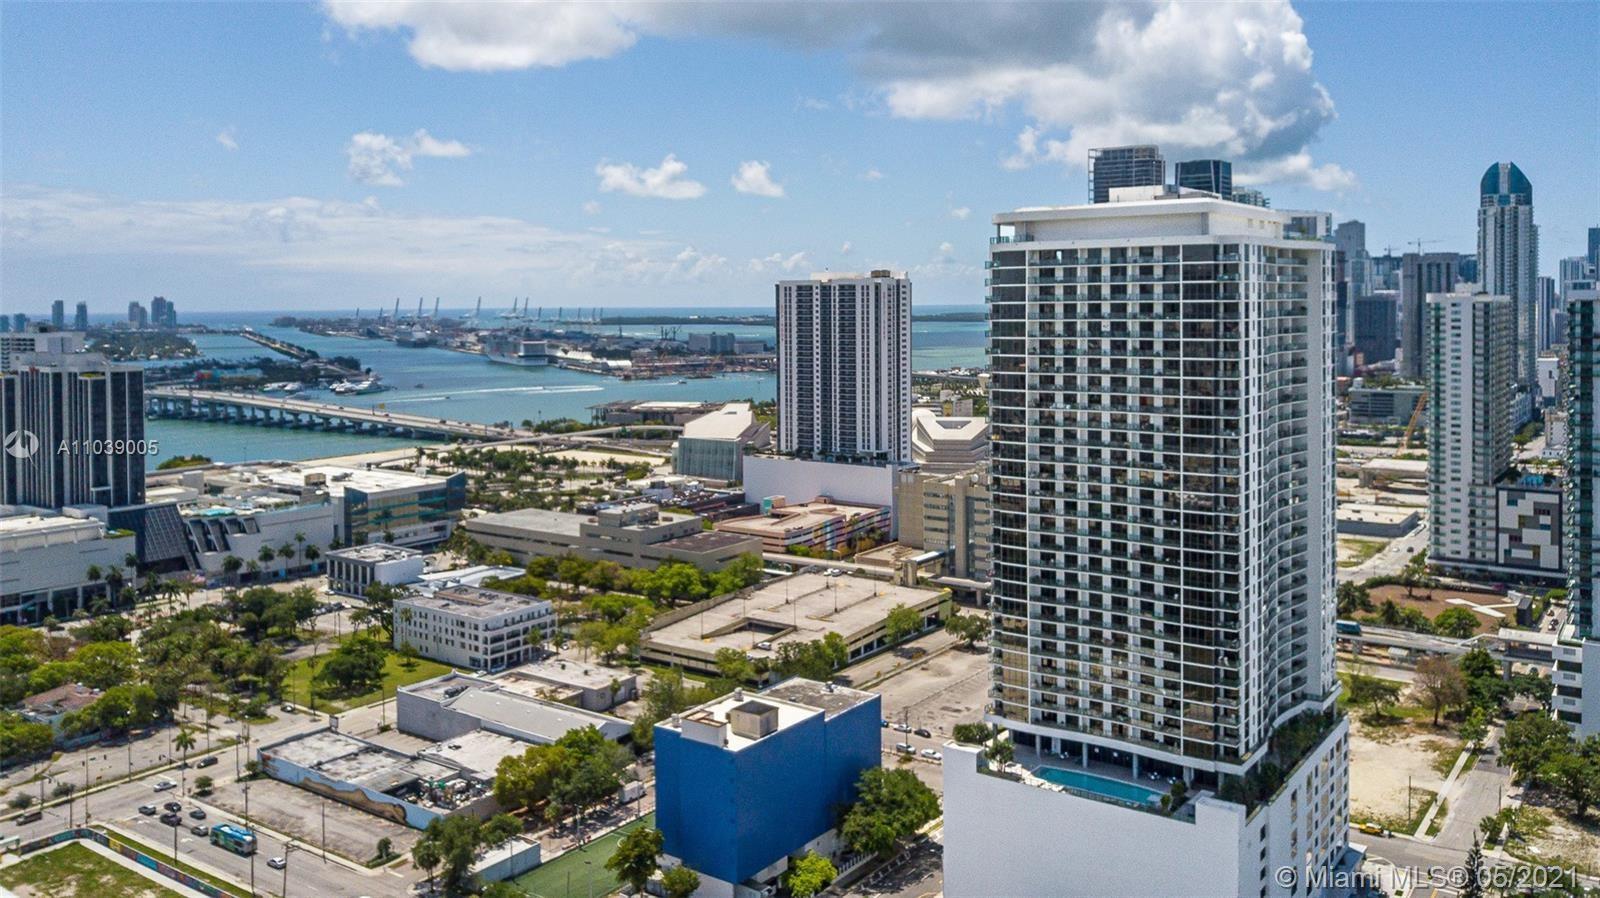 1600 NE 1st Ave #1907, Miami, FL 33132 - #: A11039005